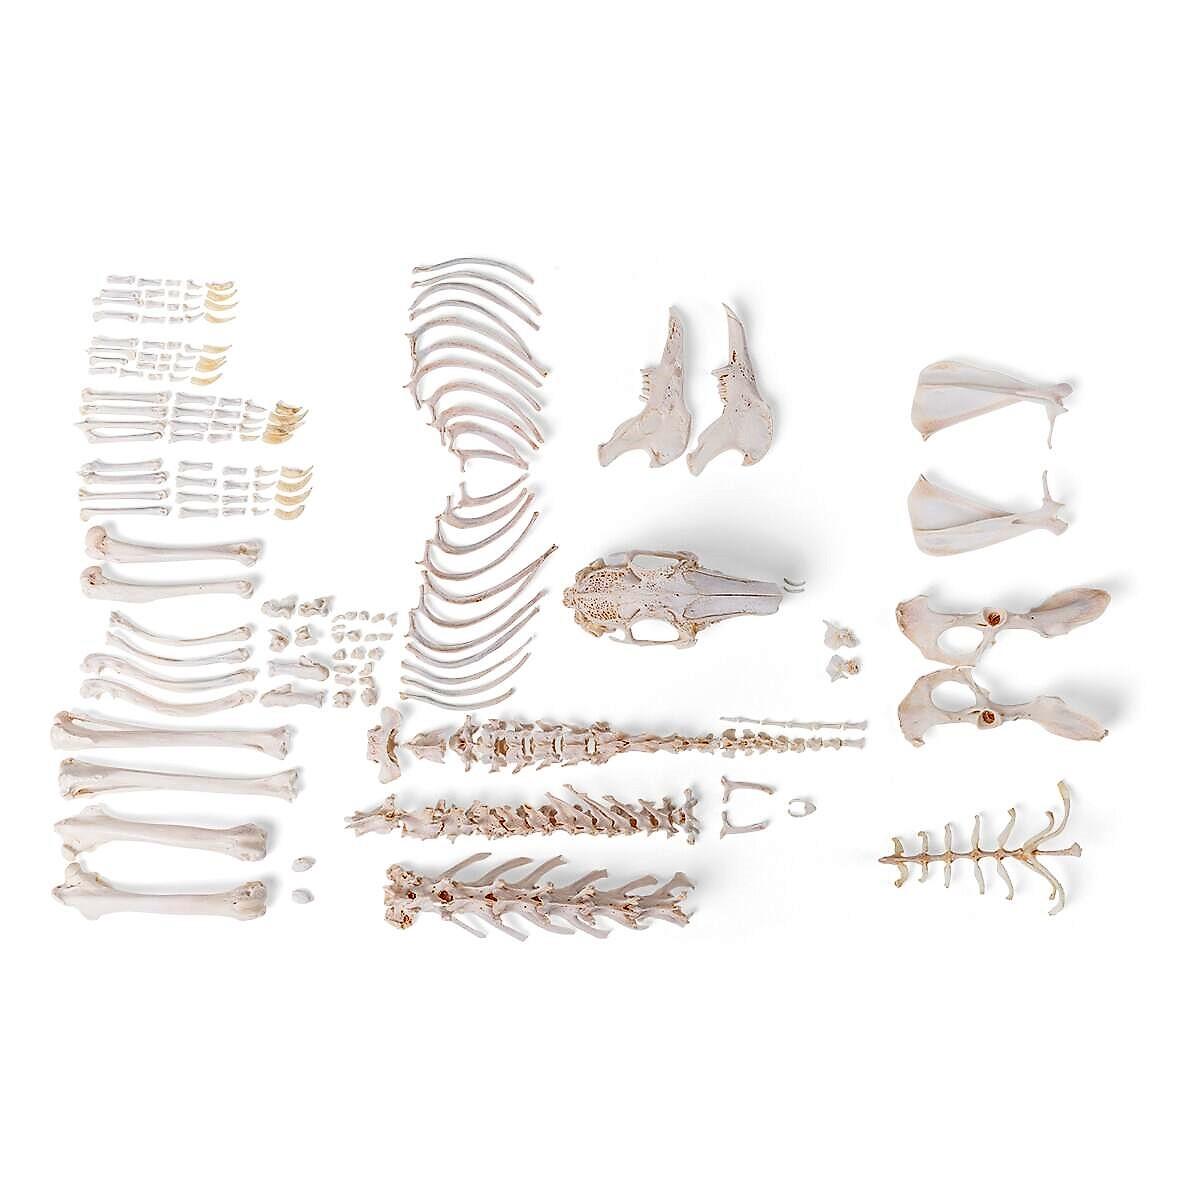 Canine Real Bone Complete Skeleton Mounted K9 Dog